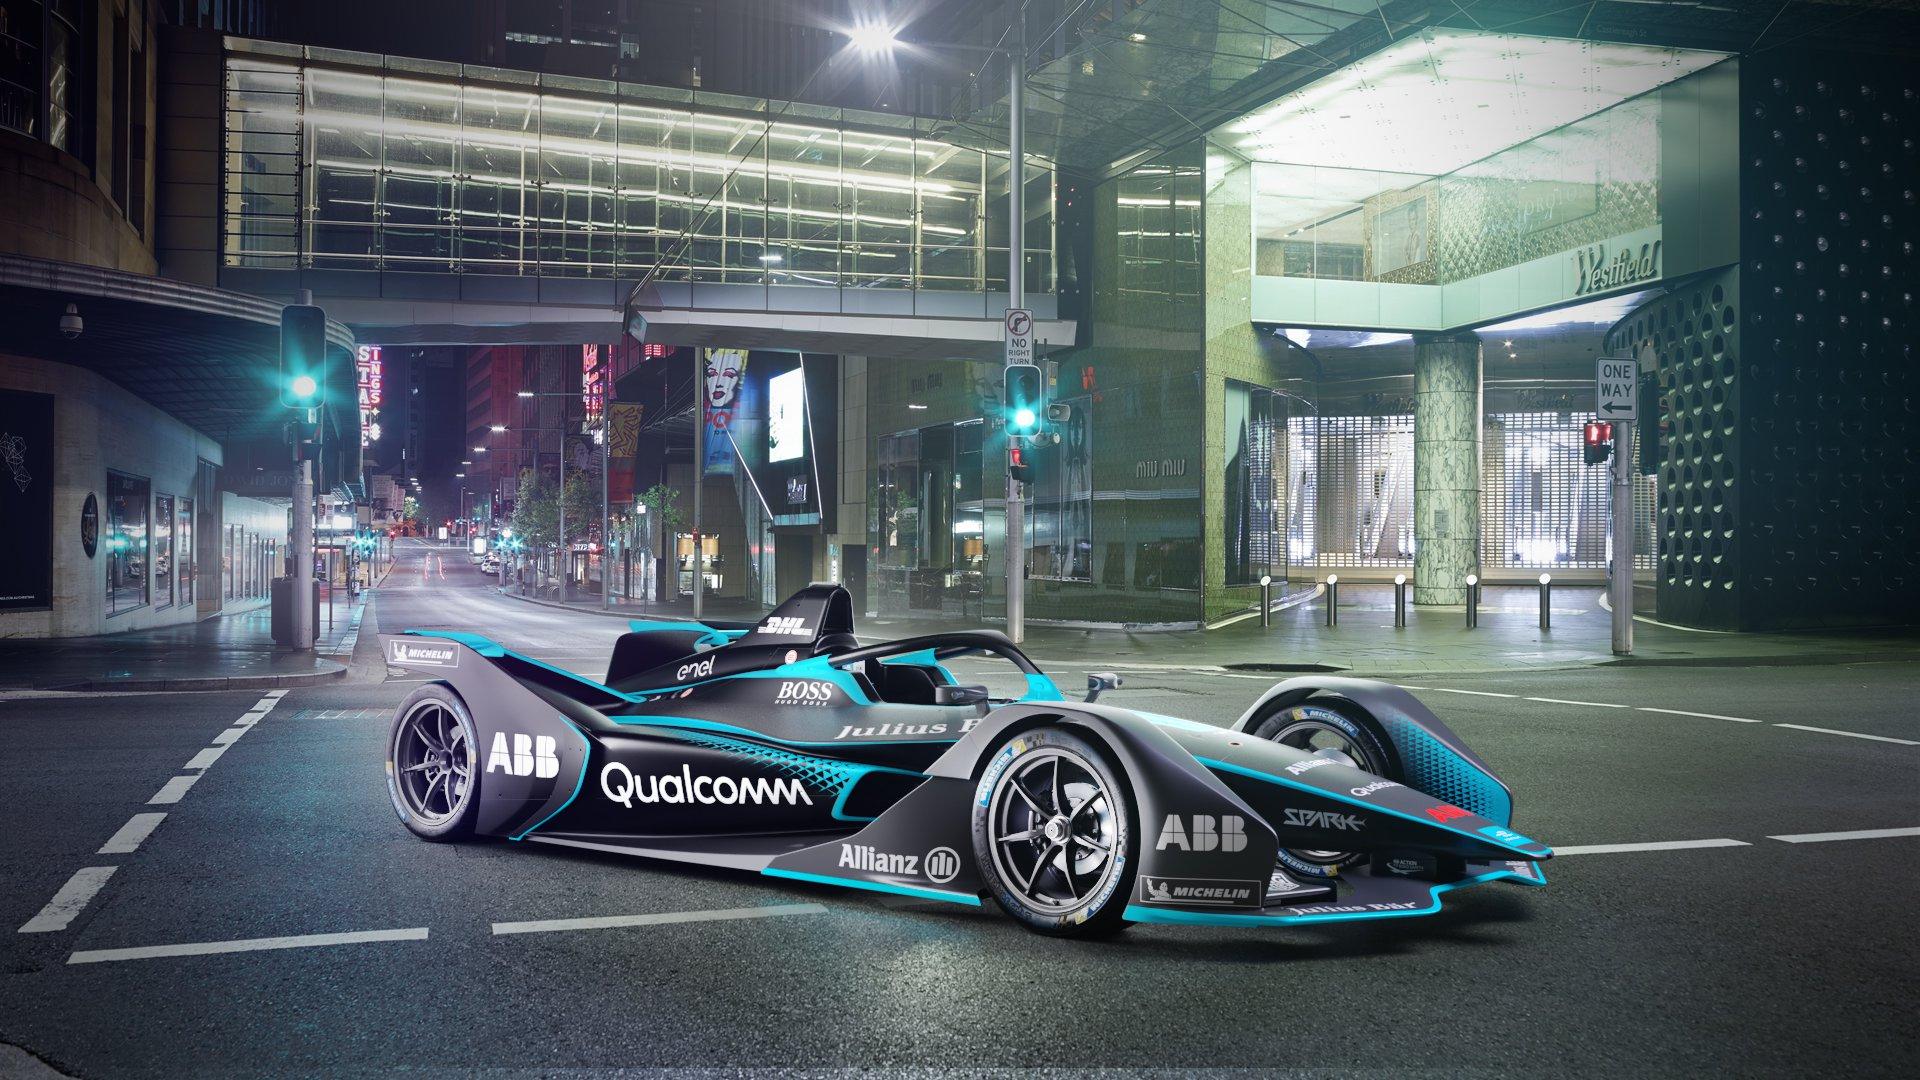 Formuła E: nowy model bolidu